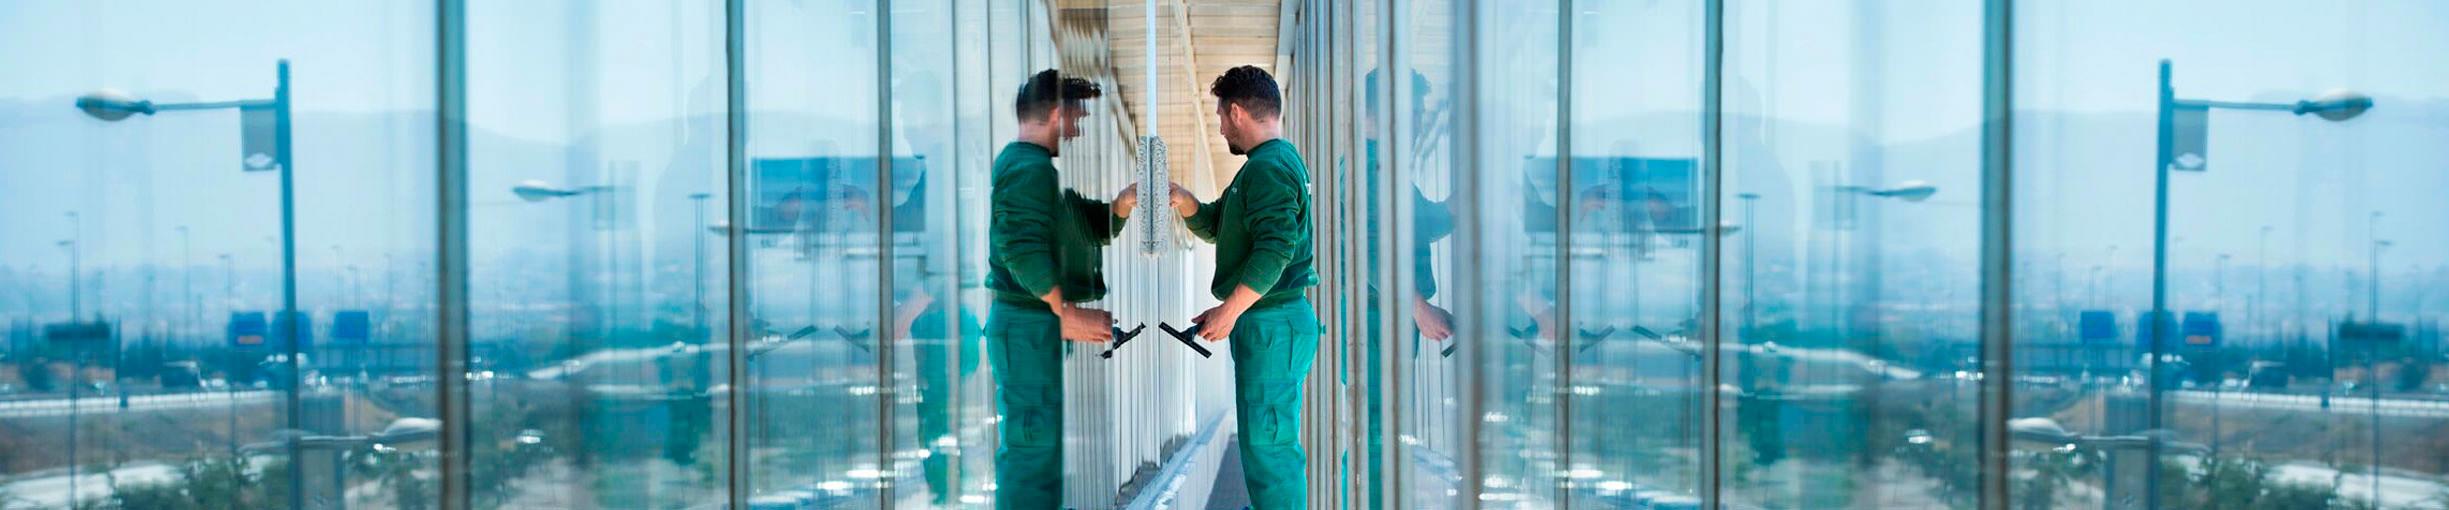 Limpiezas Castor. limpieza-cristales-altura-sevilla Limpieza de cristales en altura Sevilla